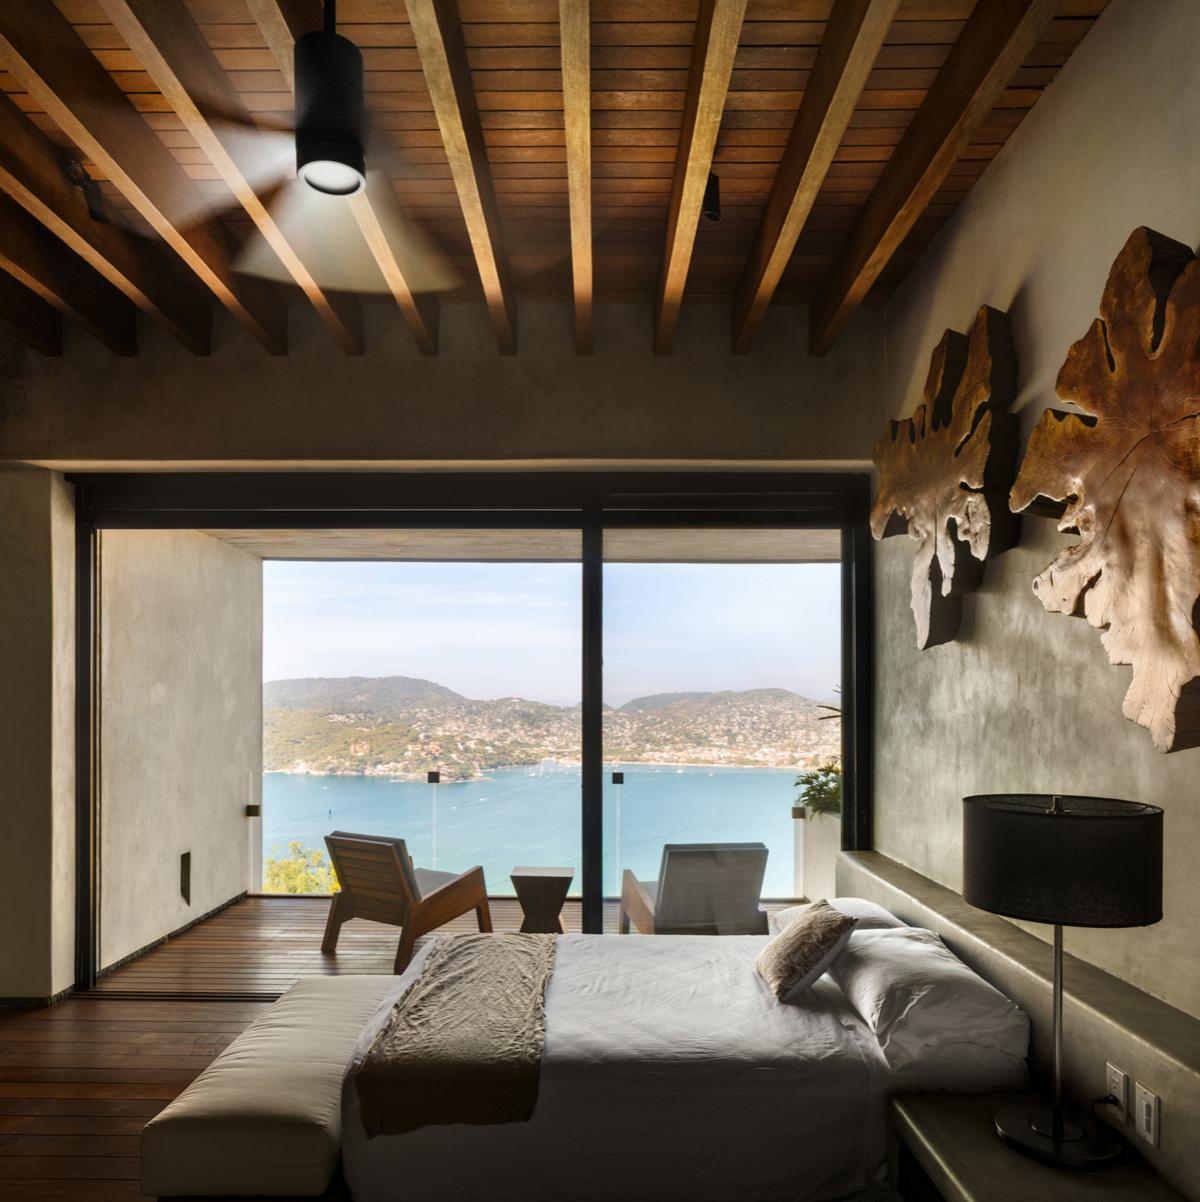 Casa Z House -Tối giản để tận hưởng trong thiết kế | Zozaya Arquitectos